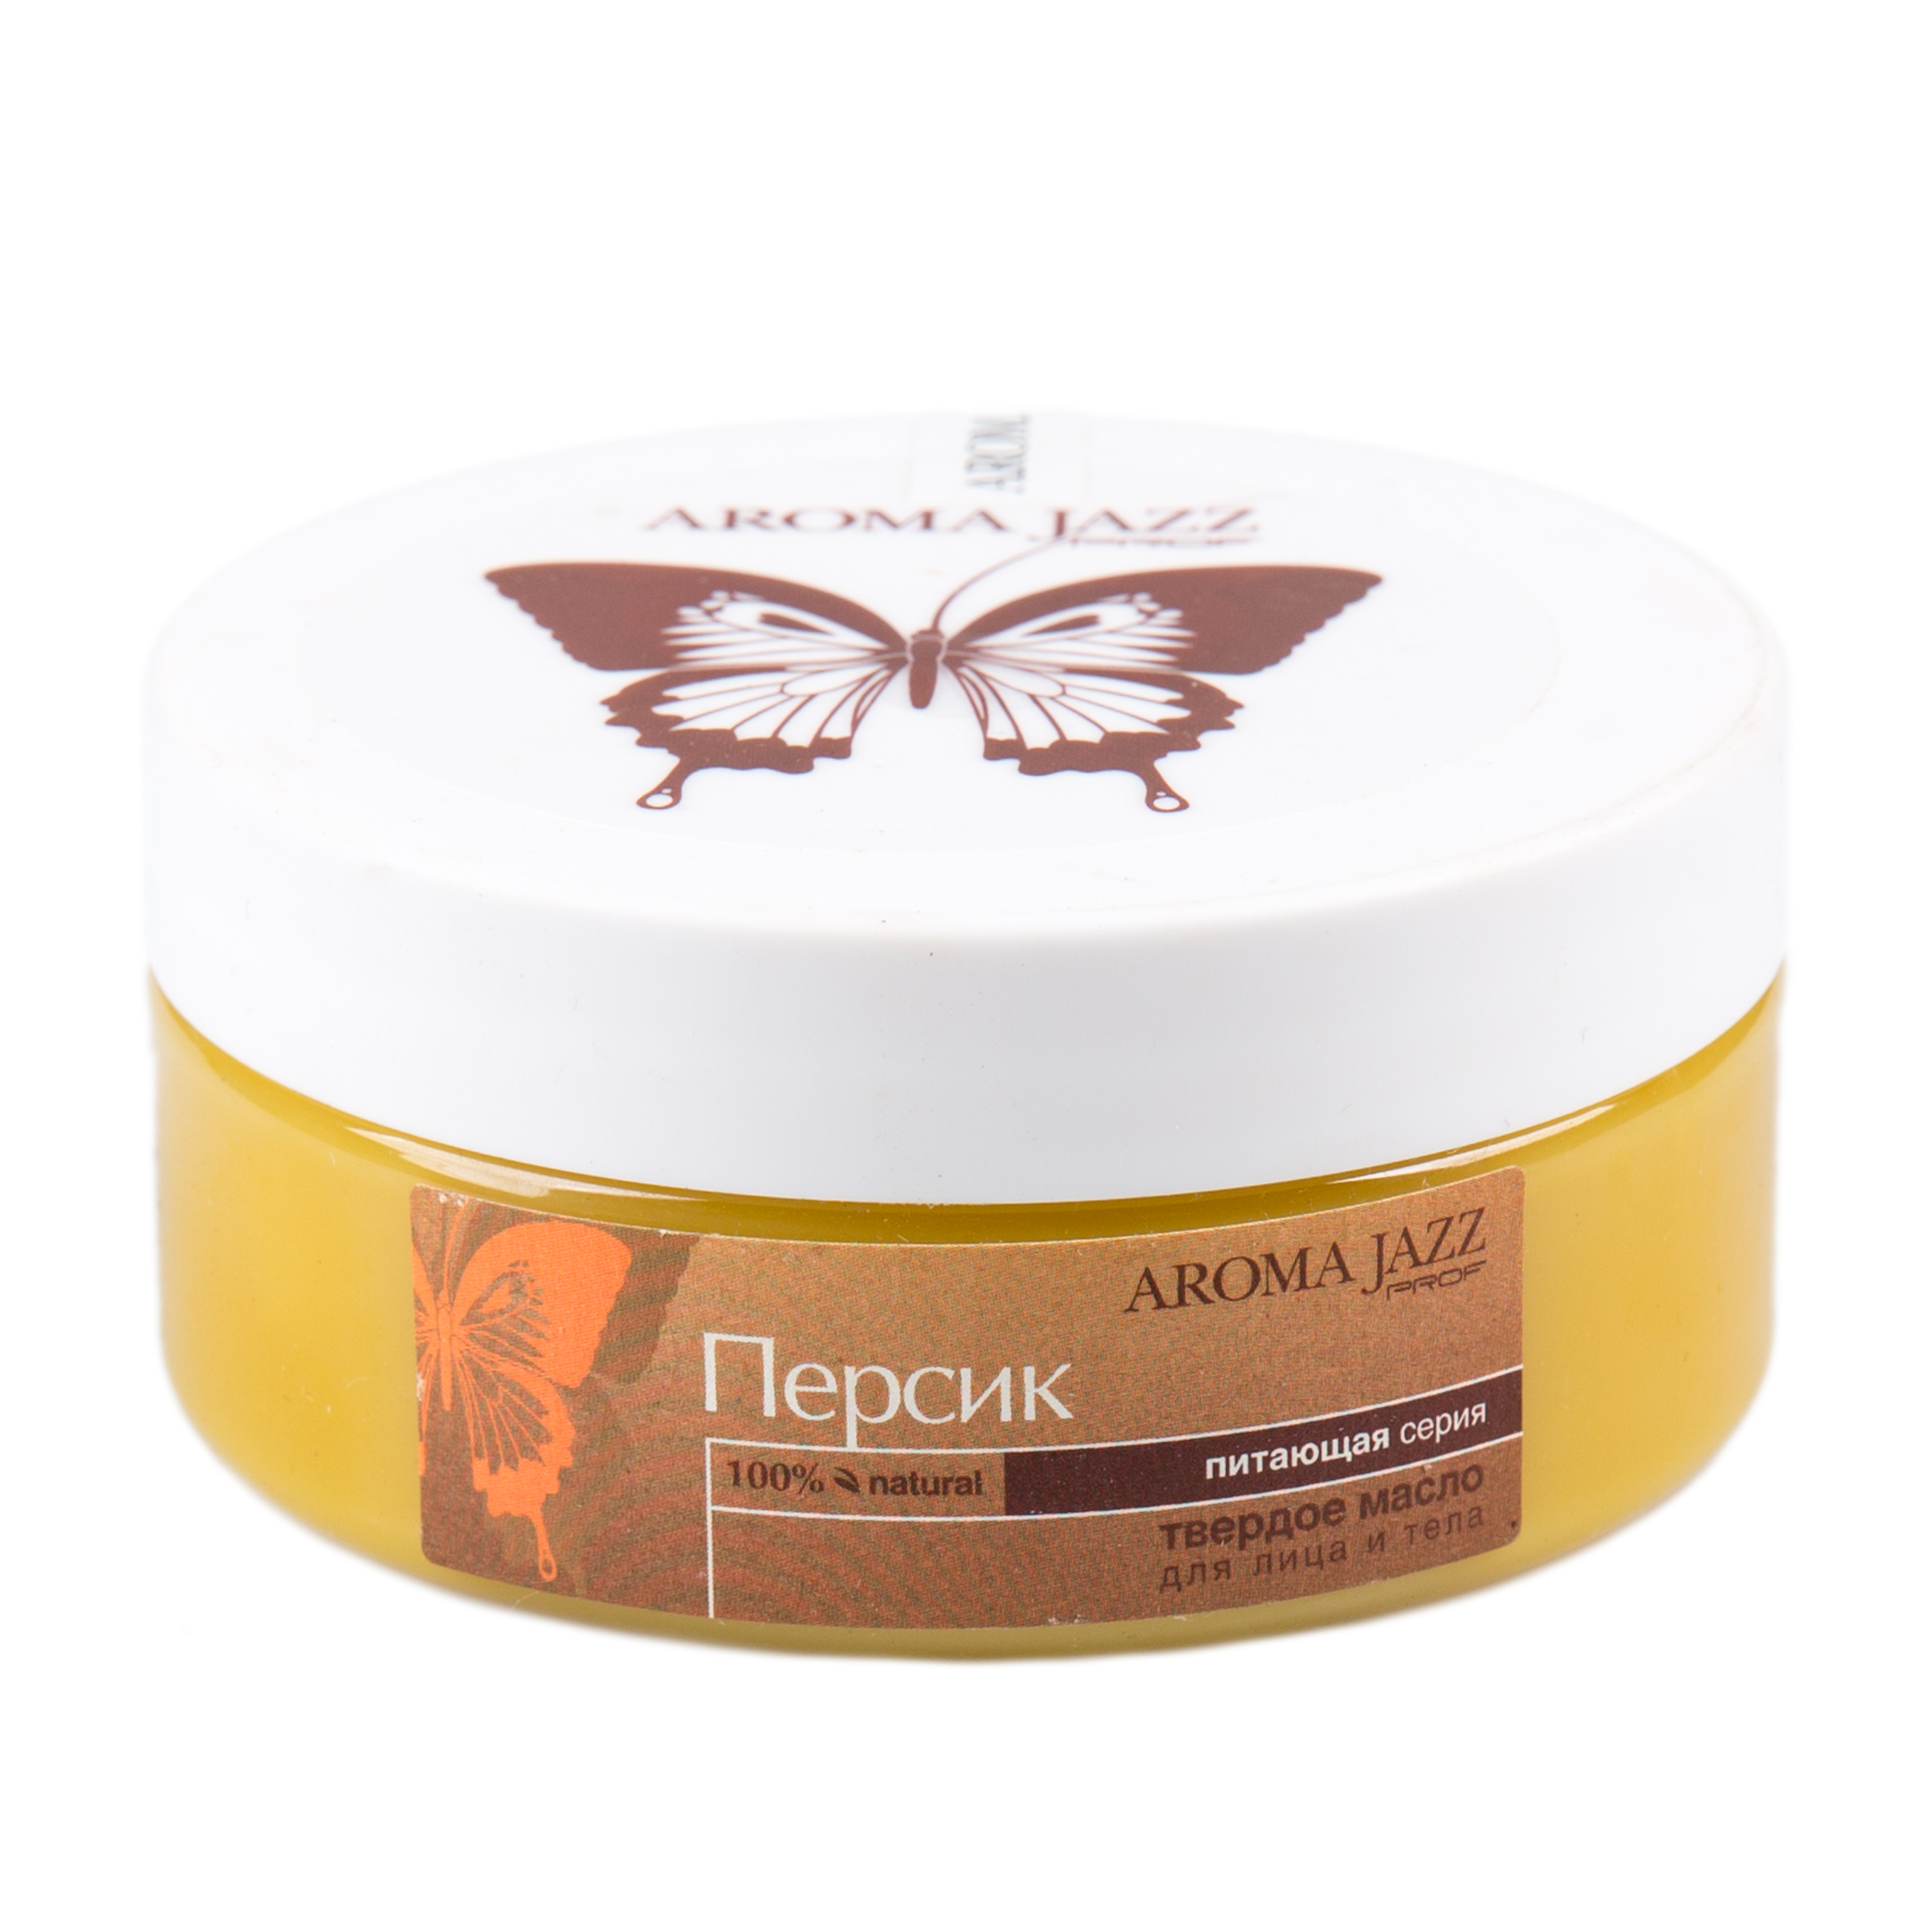 AROMA JAZZ Масло твердое Персик 150млМасла<br>Твердое масло для лица и тела. Питающая серия Действие: масло замедляет процессы старения, разглаживает существующие морщины, питает и увлажняет кожу, выравнивает цвет кожи, повышает тонус Активные ингредиенты: масло персика, какао, кокоса, оливы, авокадо; экстракты шиповника, персика; фруктовая эссенция персика, пчелиный воск. Способ применения: рекомендовано для проведения любого вида массажа,увлажнения и питания кожи после душа, горячих ванн и SPA-процедур в салоне и дома; великолепно в антицеллюлитных обертываниях; рекомендуется использовать одноразовое белье. Противопоказания: индивидуальная непереносимость компонентов<br><br>Возраст применения: После 35<br>Типы кожи: Для всех типов<br>Назначение: Морщины<br>Назначение: Мимические морщины<br>Консистенция: Твердая